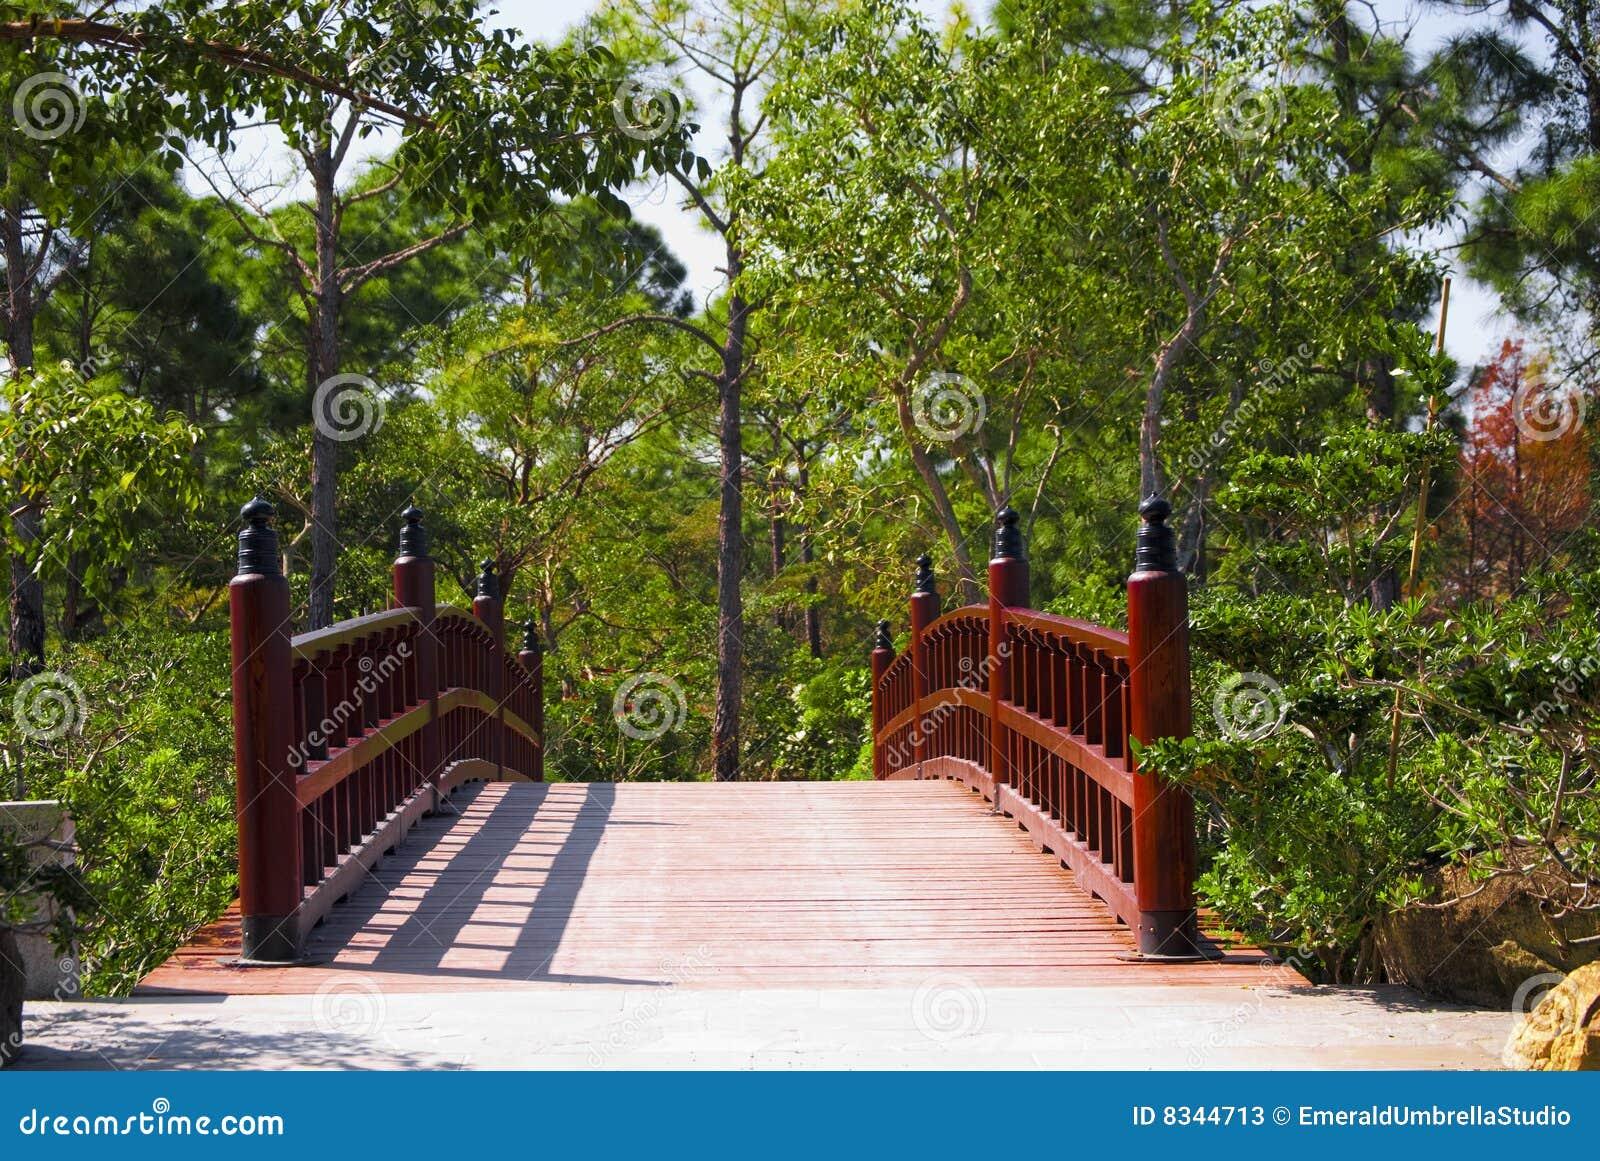 Ponte asiática